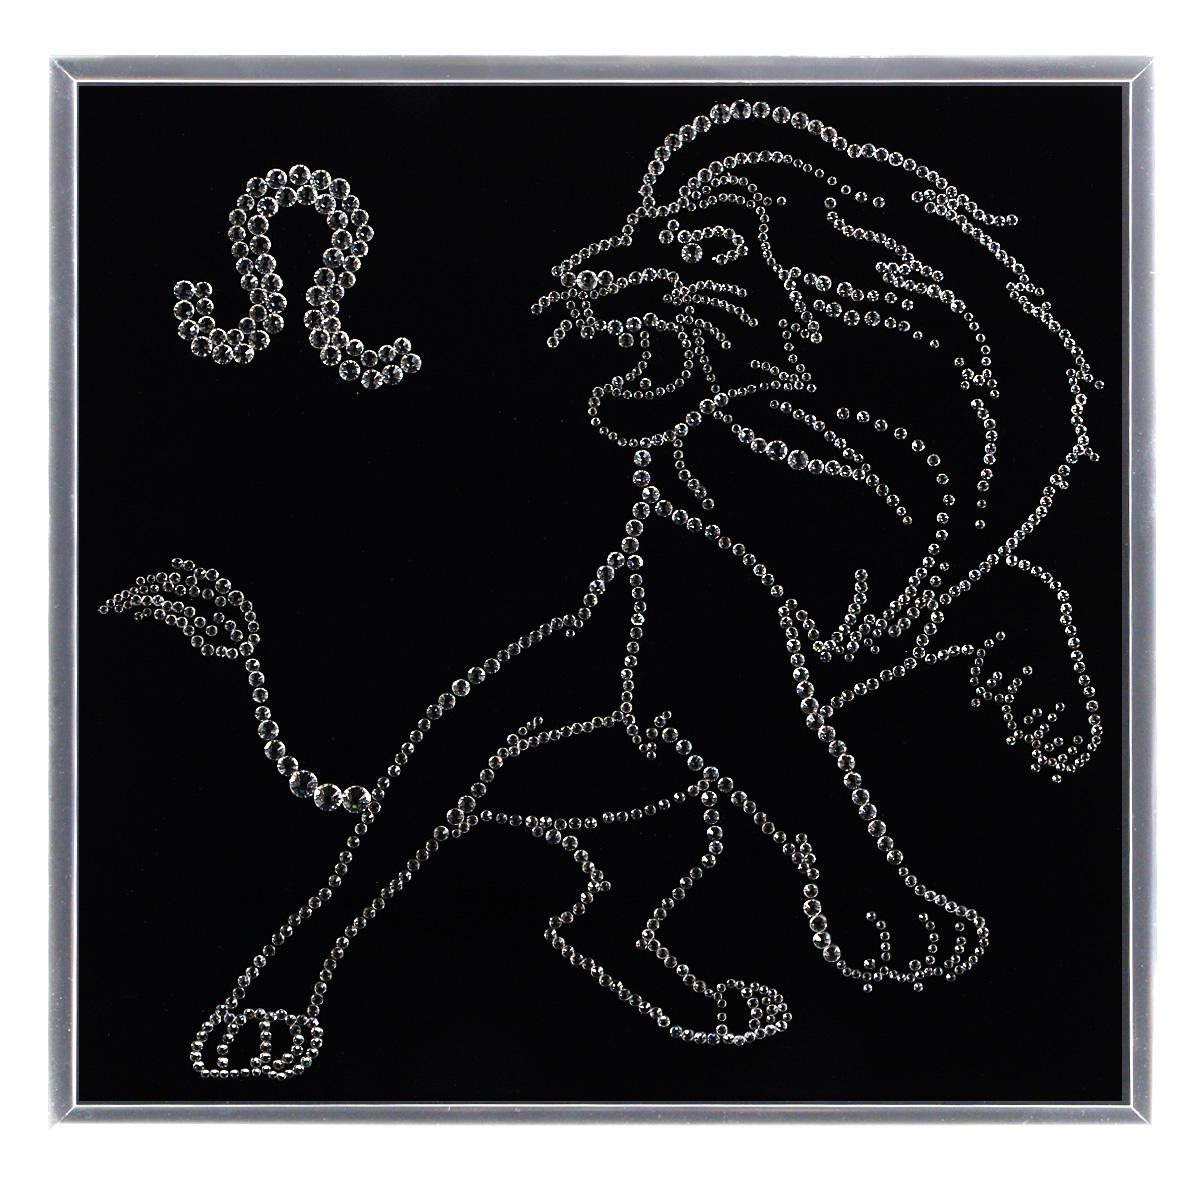 Картина с кристаллами Swarovski Знак зодиака. Лев, 25 х 25 см1121Изящная картина в металлической раме, инкрустирована кристаллами Swarovski в виде созвездия знака зодиака - лев. Кристаллы Swarovski отличаются четкой и ровной огранкой, ярким блеском и чистотой цвета. Под стеклом картина оформлена бархатистой тканью, что прекрасно дополняет блеск кристаллов. С обратной стороны имеется металлическая петелька для размещения картины на стене. Картина с кристаллами Swarovski Знак зодиака. Лев элегантно украсит интерьер дома или офиса, а также станет прекрасным подарком, который обязательно понравится получателю. Блеск кристаллов в интерьере, что может быть сказочнее и удивительнее. Картина упакована в подарочную картонную коробку синего цвета и комплектуется сертификатом соответствия Swarovski.